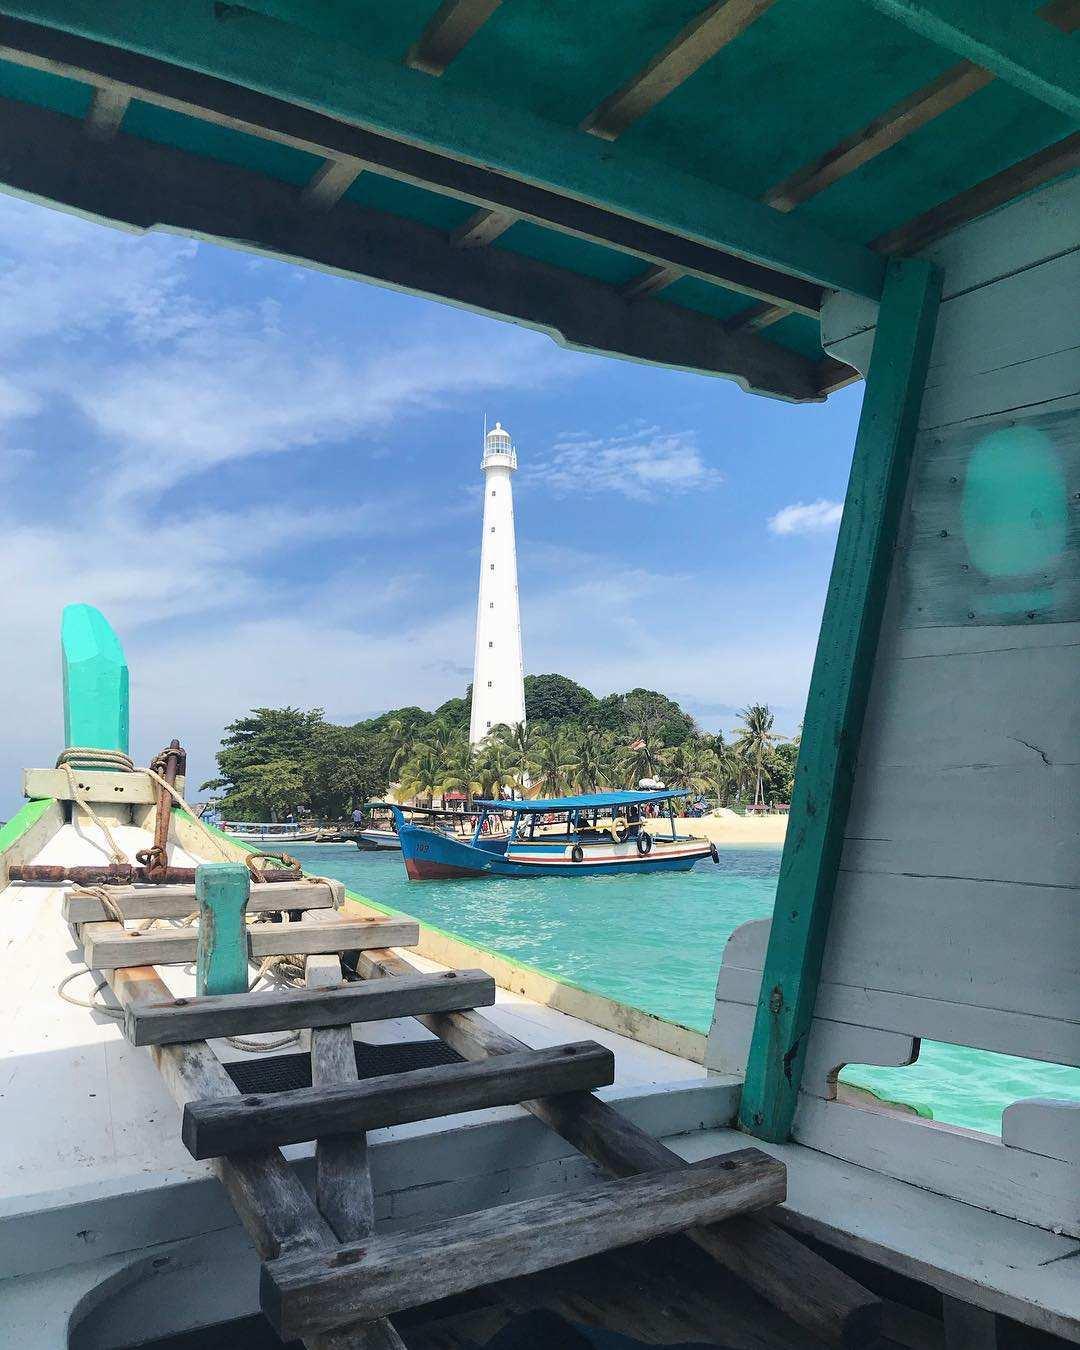 Foto Pulau Lengkuas Dari Kapal Images From @nizbits